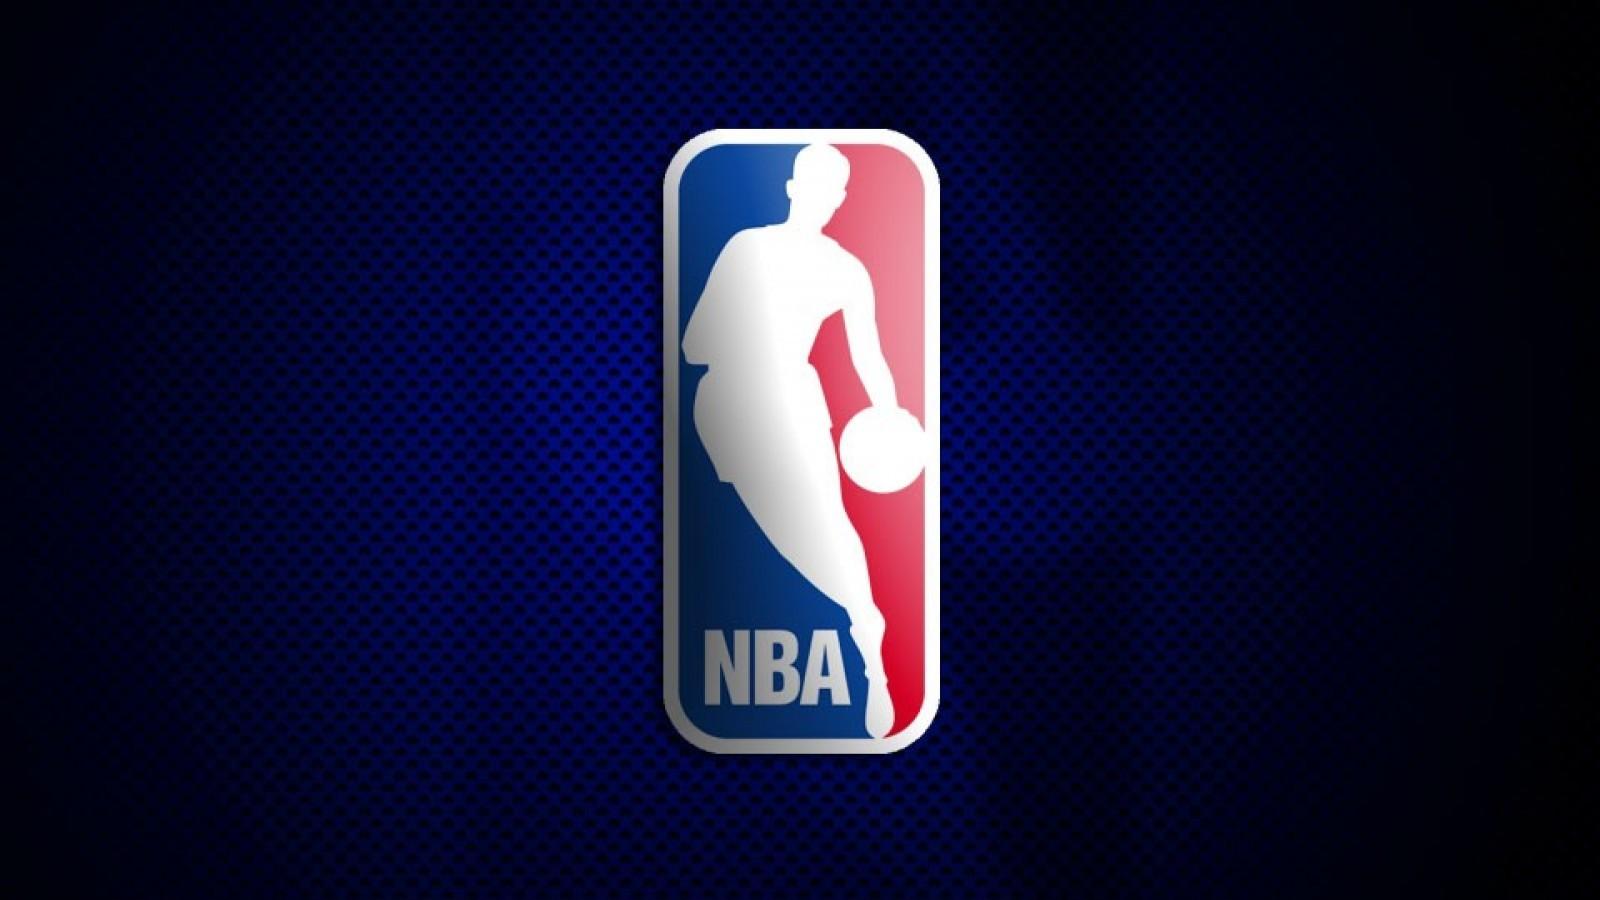 Найкращі моменти матчу фіналу НБА 31 травня